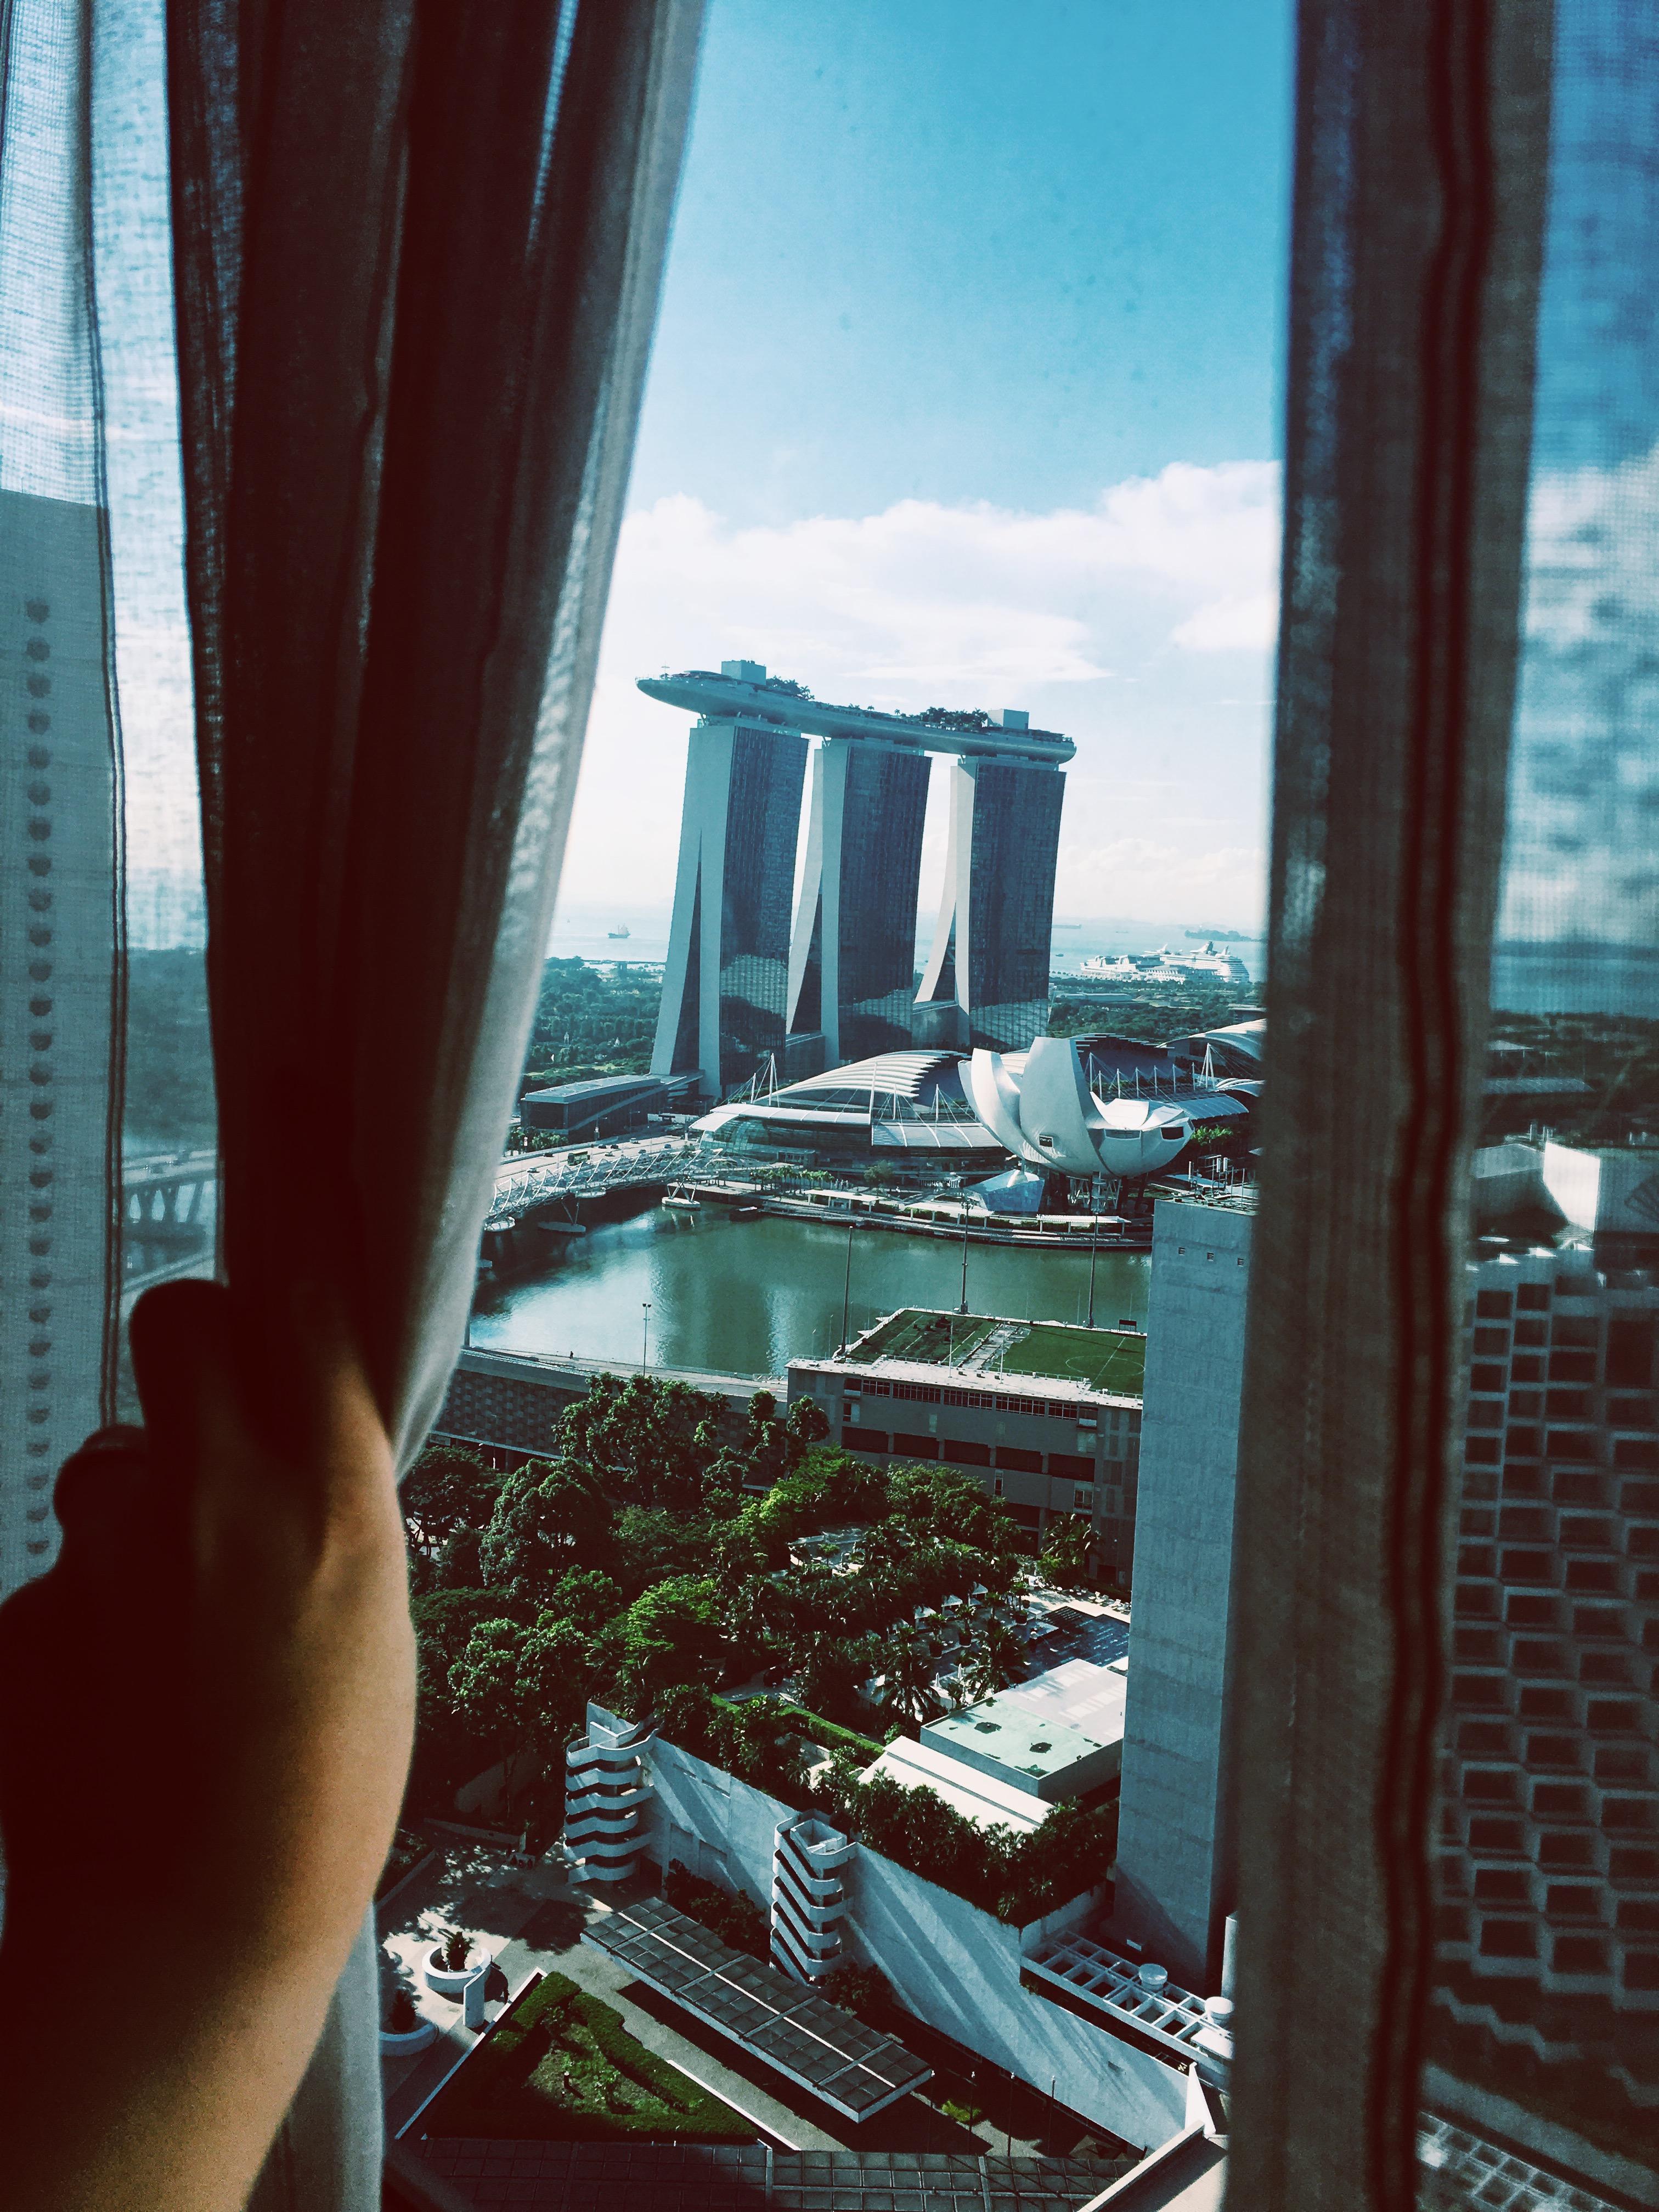 Blick auf das Marina Bay Sands-Hotel (Bild: Emily Zimmermann)